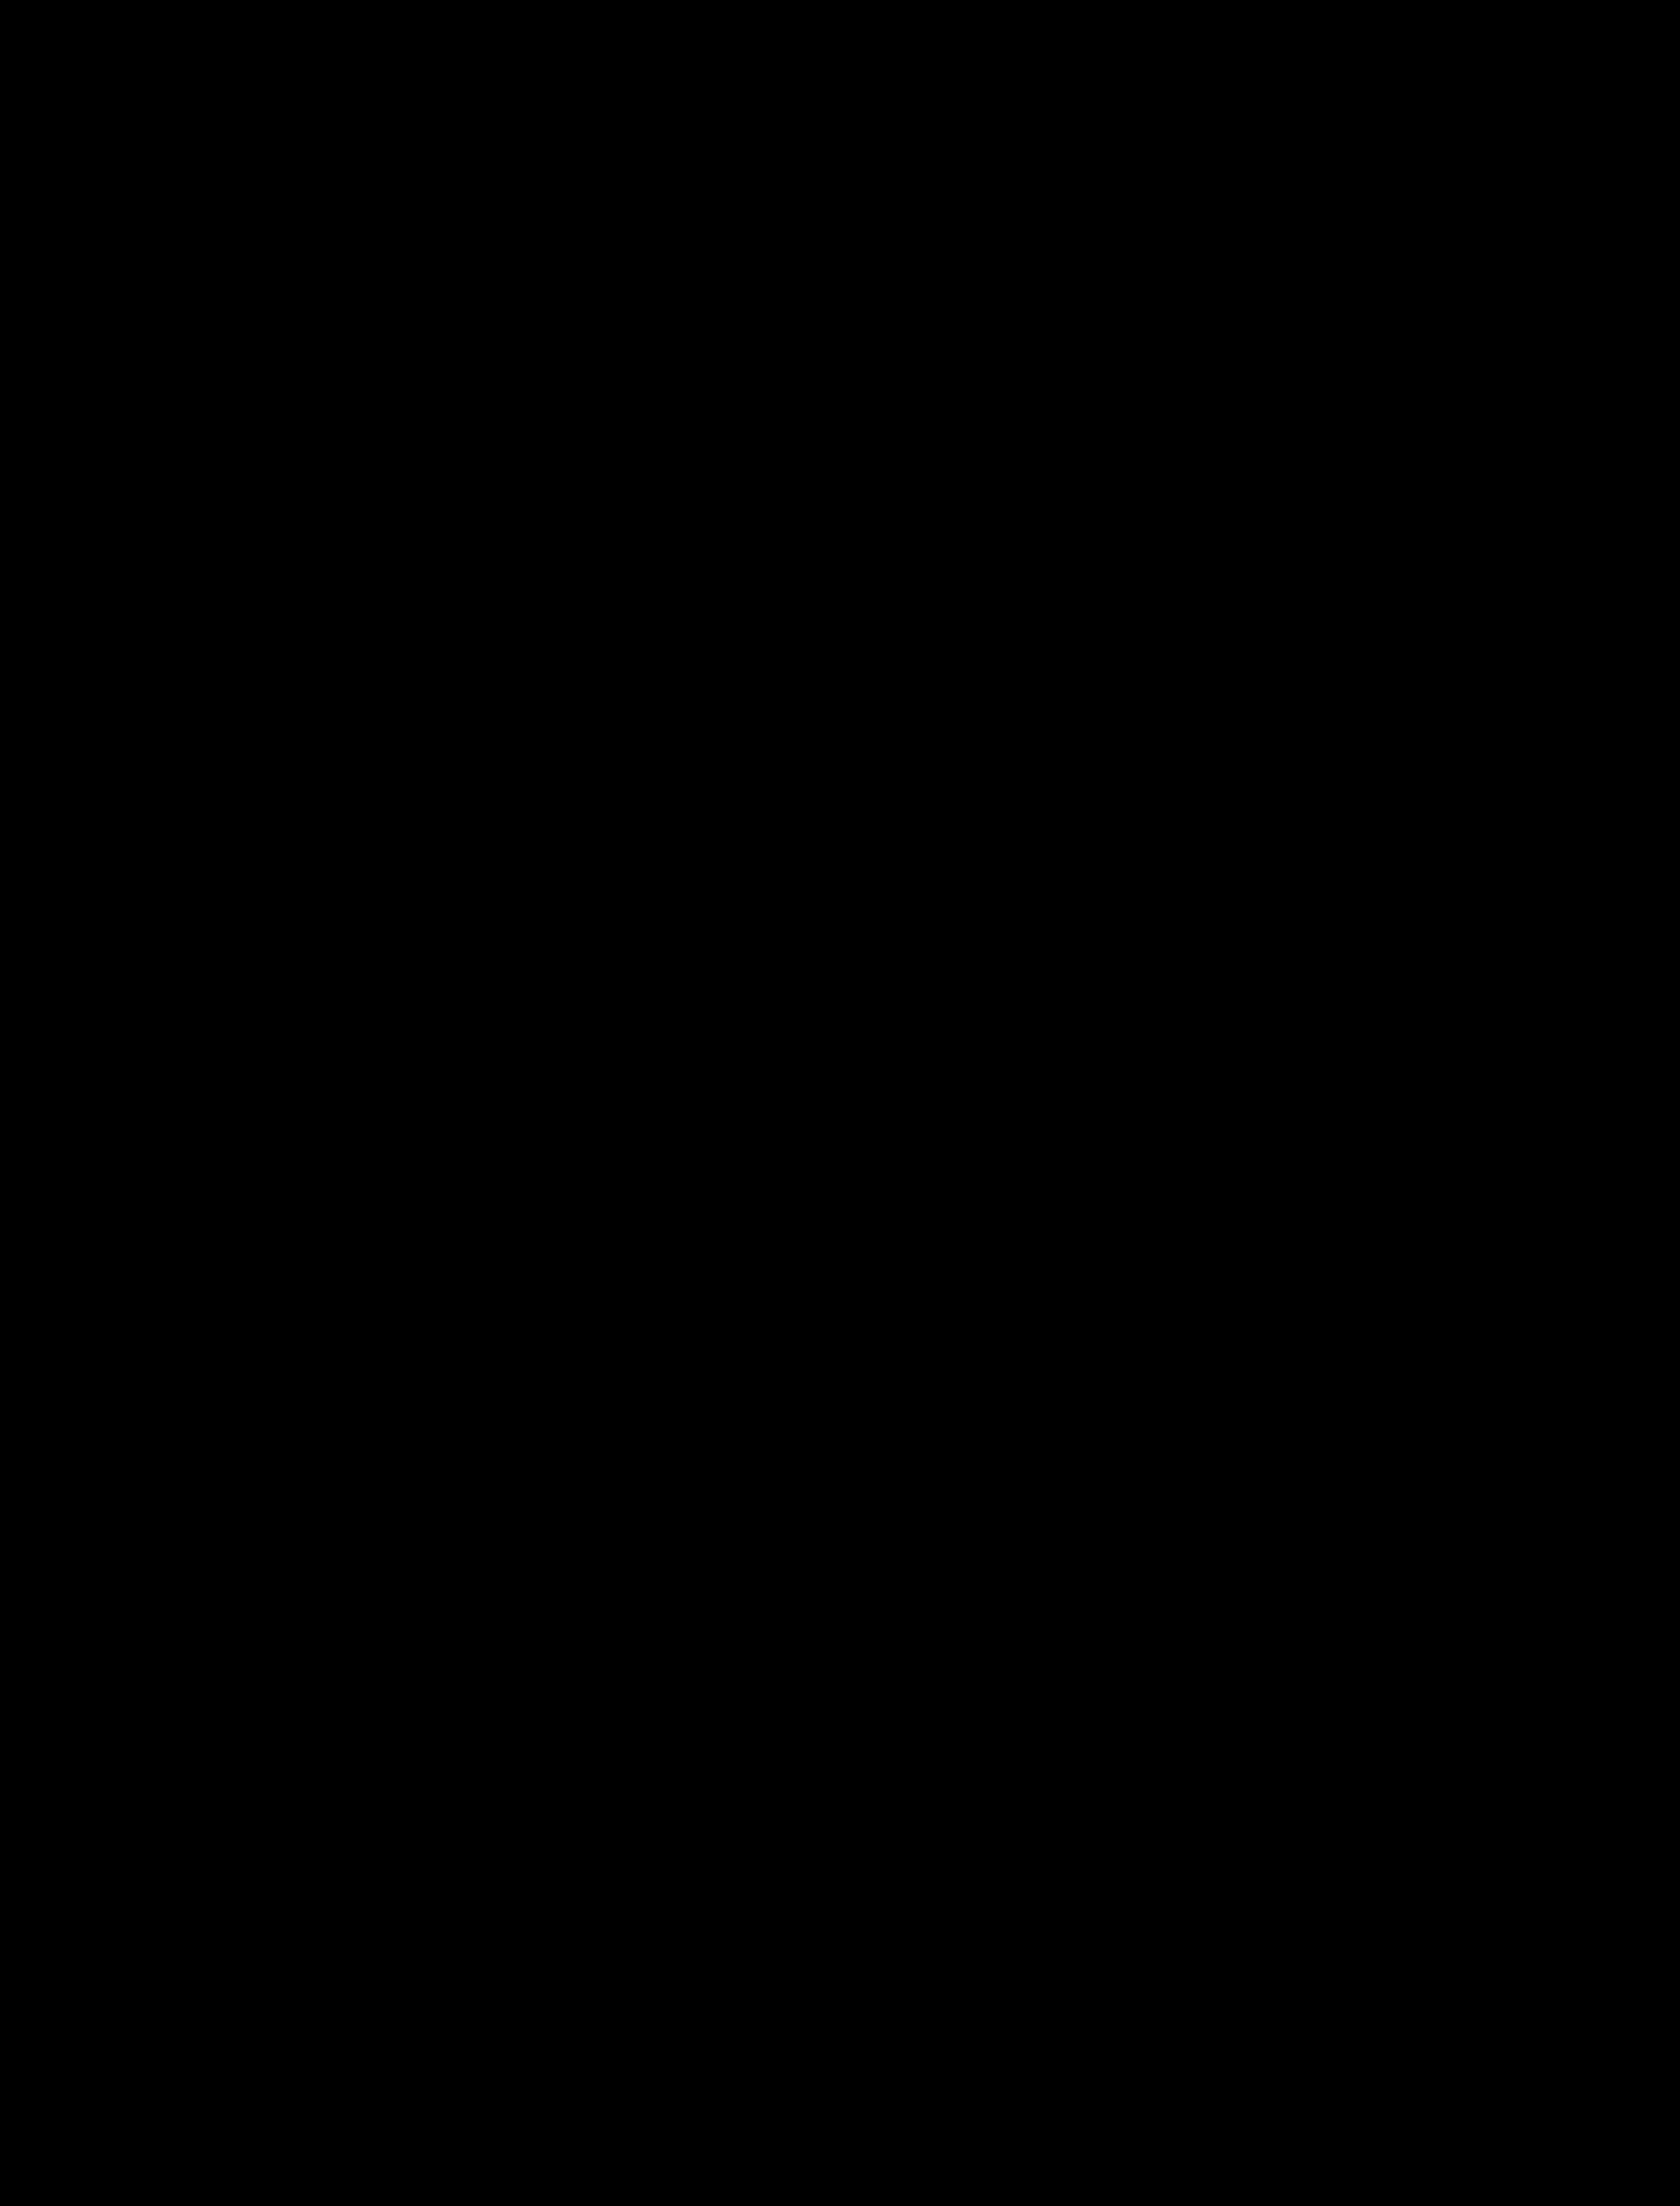 19gpsp0359